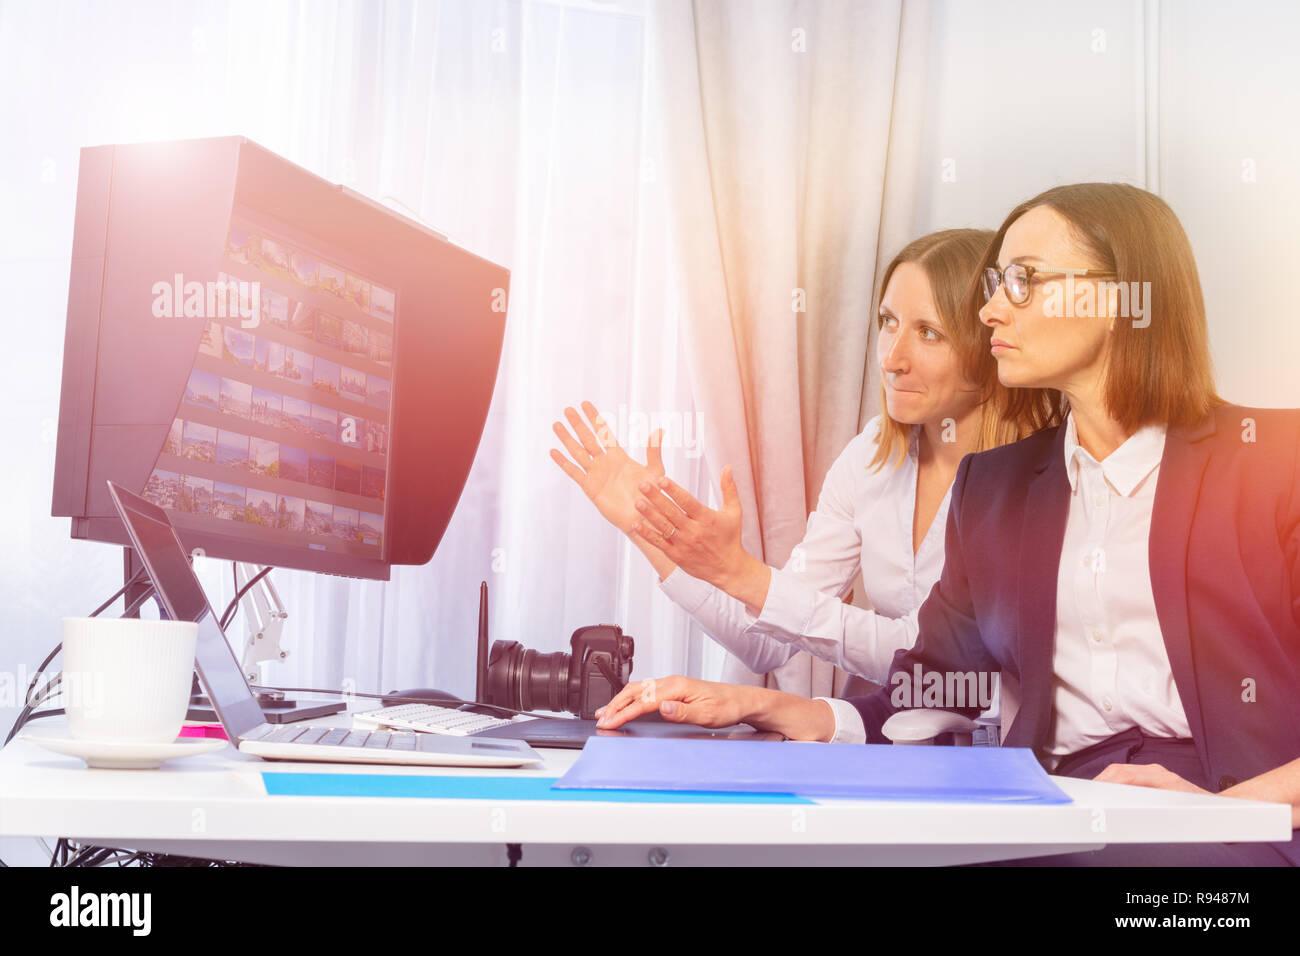 Porträt der Fotografin und Client vor dem Monitor sitzen, diskutieren Portfolio Bilder Stockbild